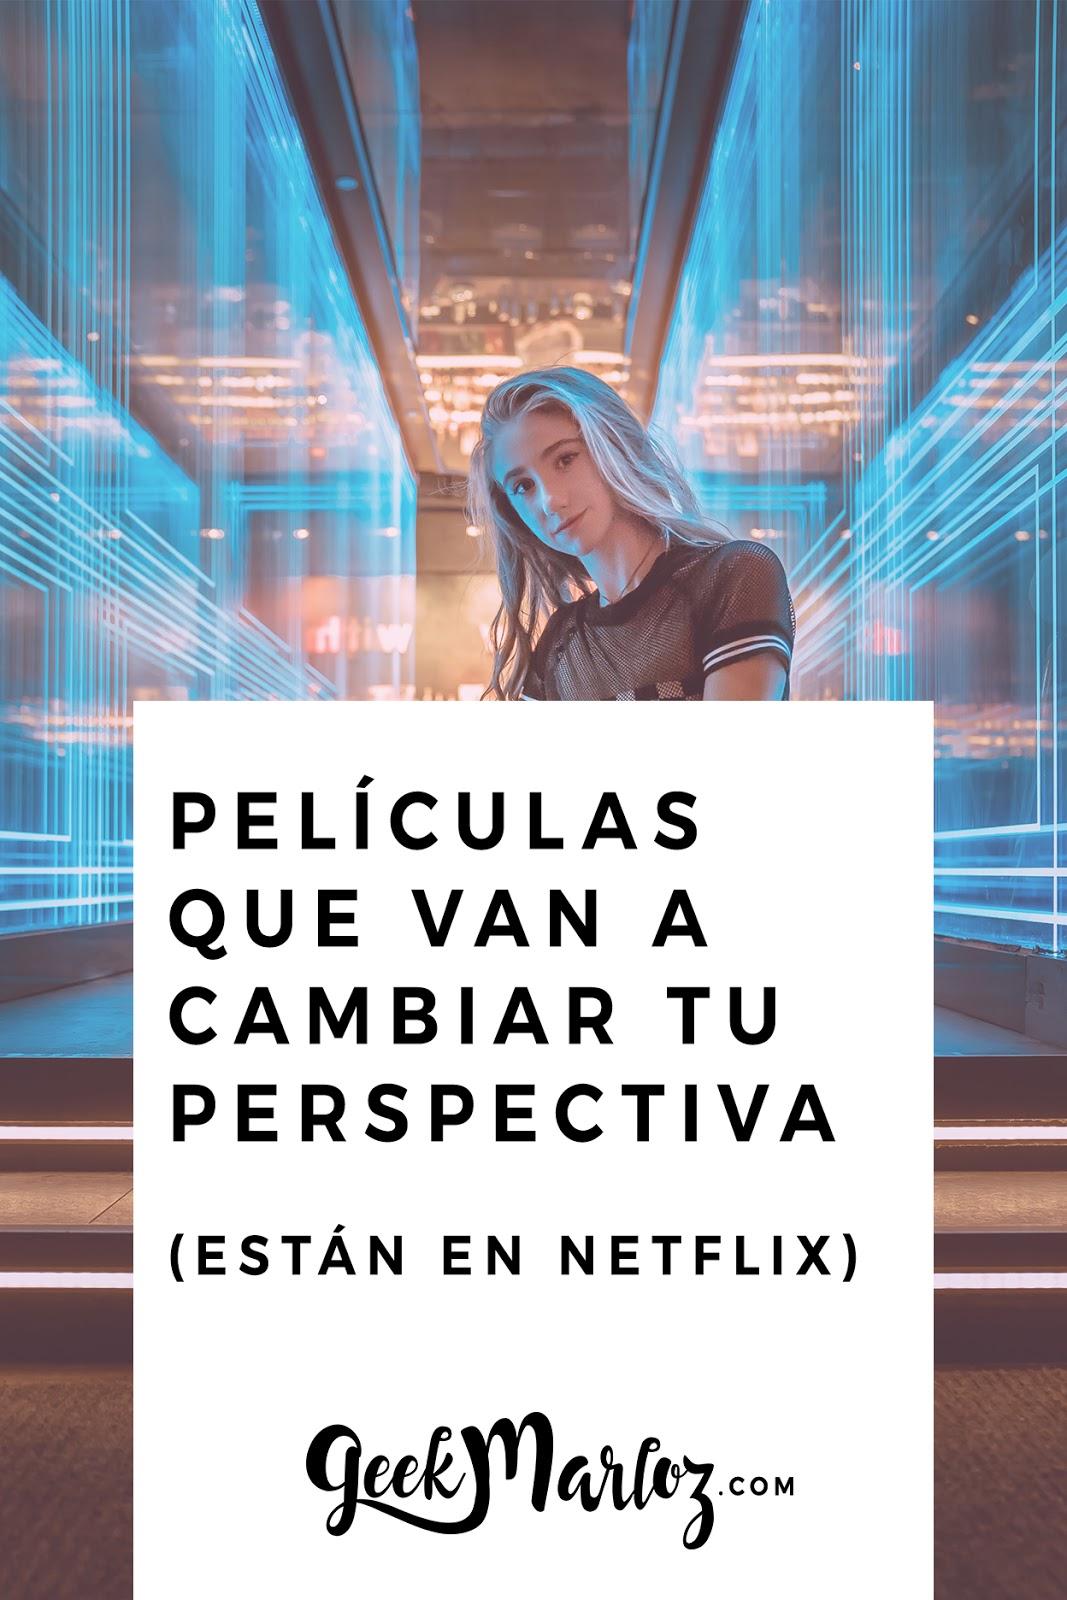 Documentales y películas en Netflix que van a cambiar tu perspectiva